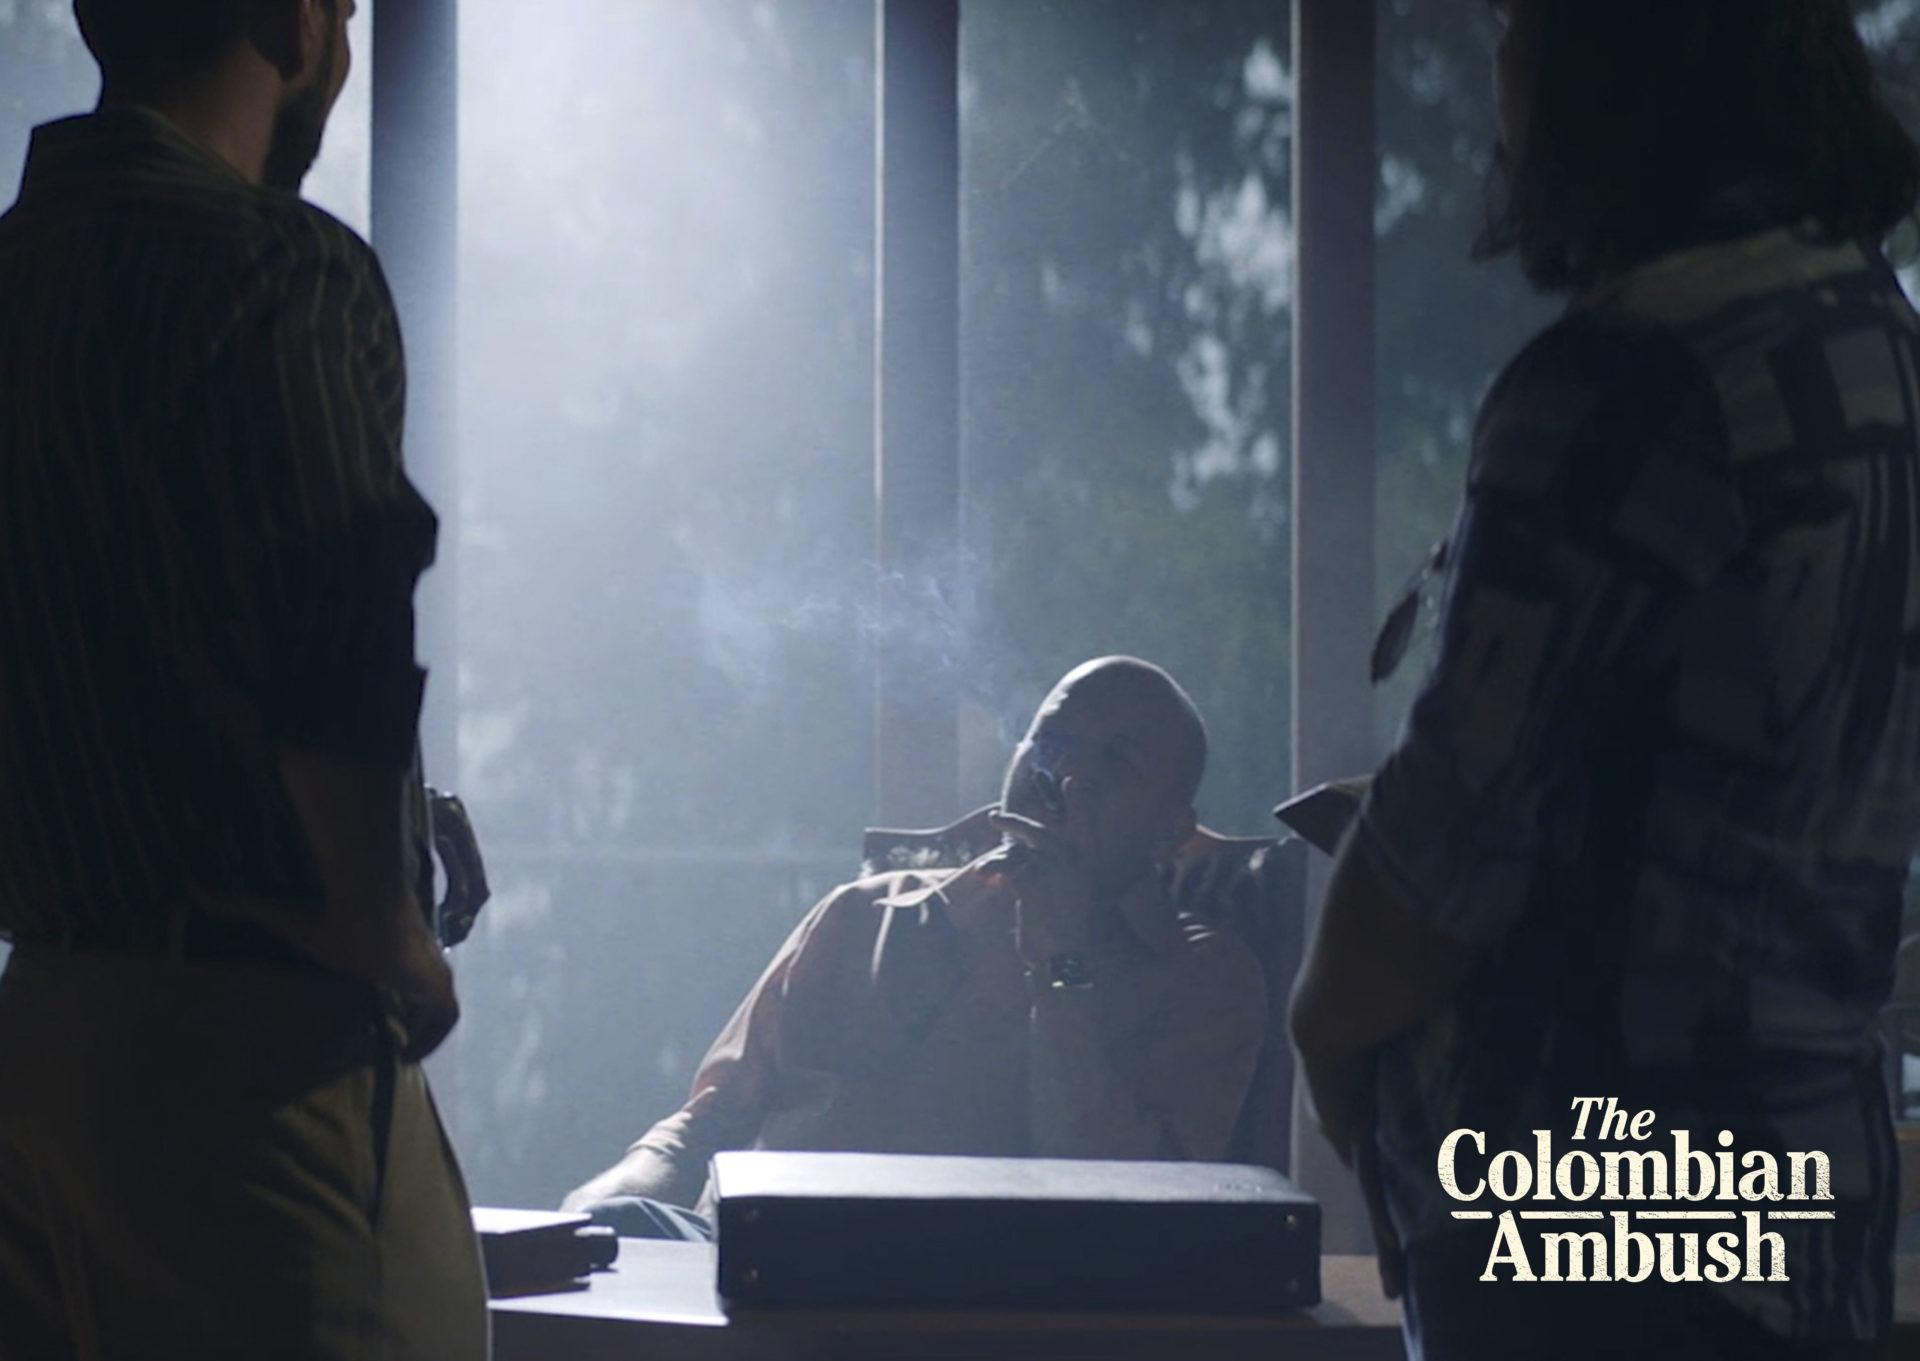 Ciro Sarmiento y The Colombian Ambush contra los prejuicios.